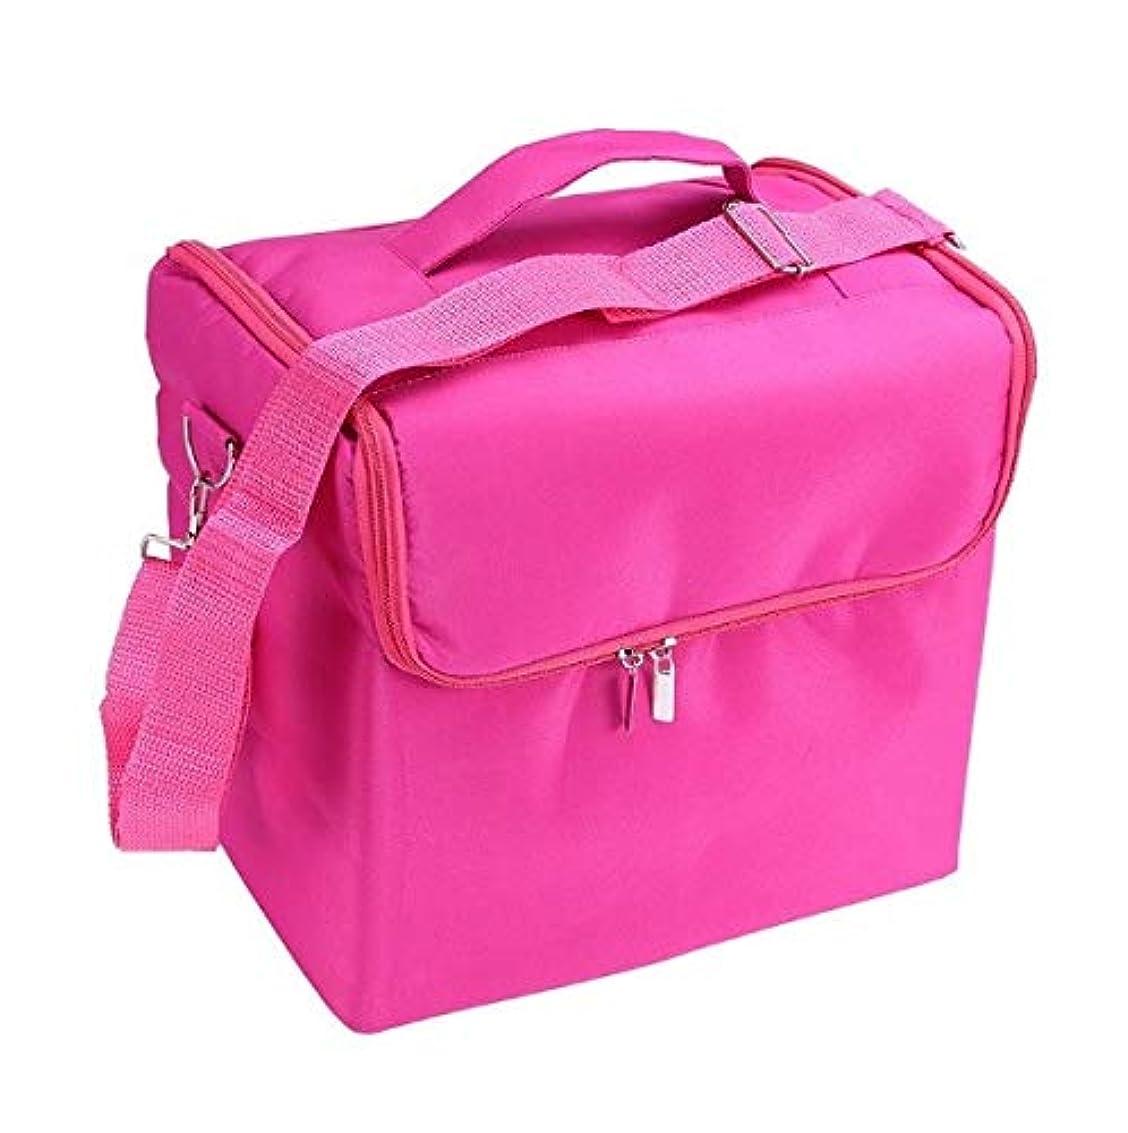 機密プランター驚くべき化粧品ケース、ローズレッド多層化粧品バッグ、ポータブル旅行多機能化粧品ケース、美容ネイルジュエリー収納ボックス